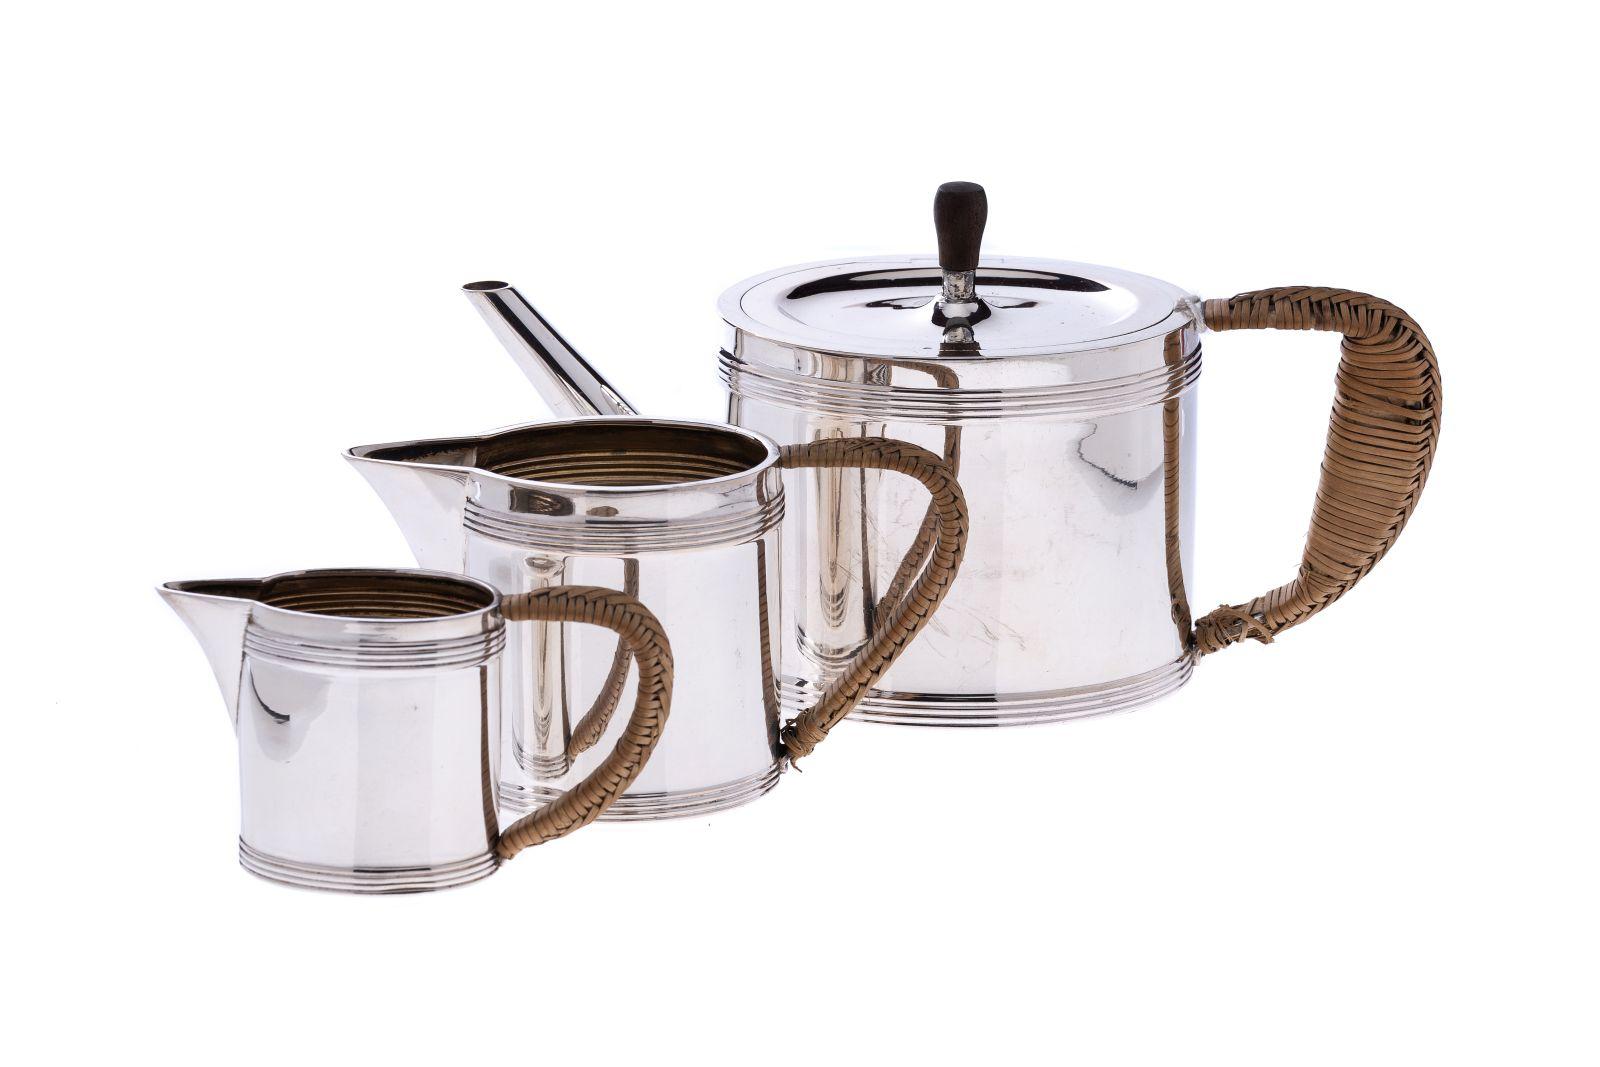 #58 Small teapot, 2 creamer | Kleine Teekanne, 2 Milchkännchen Image